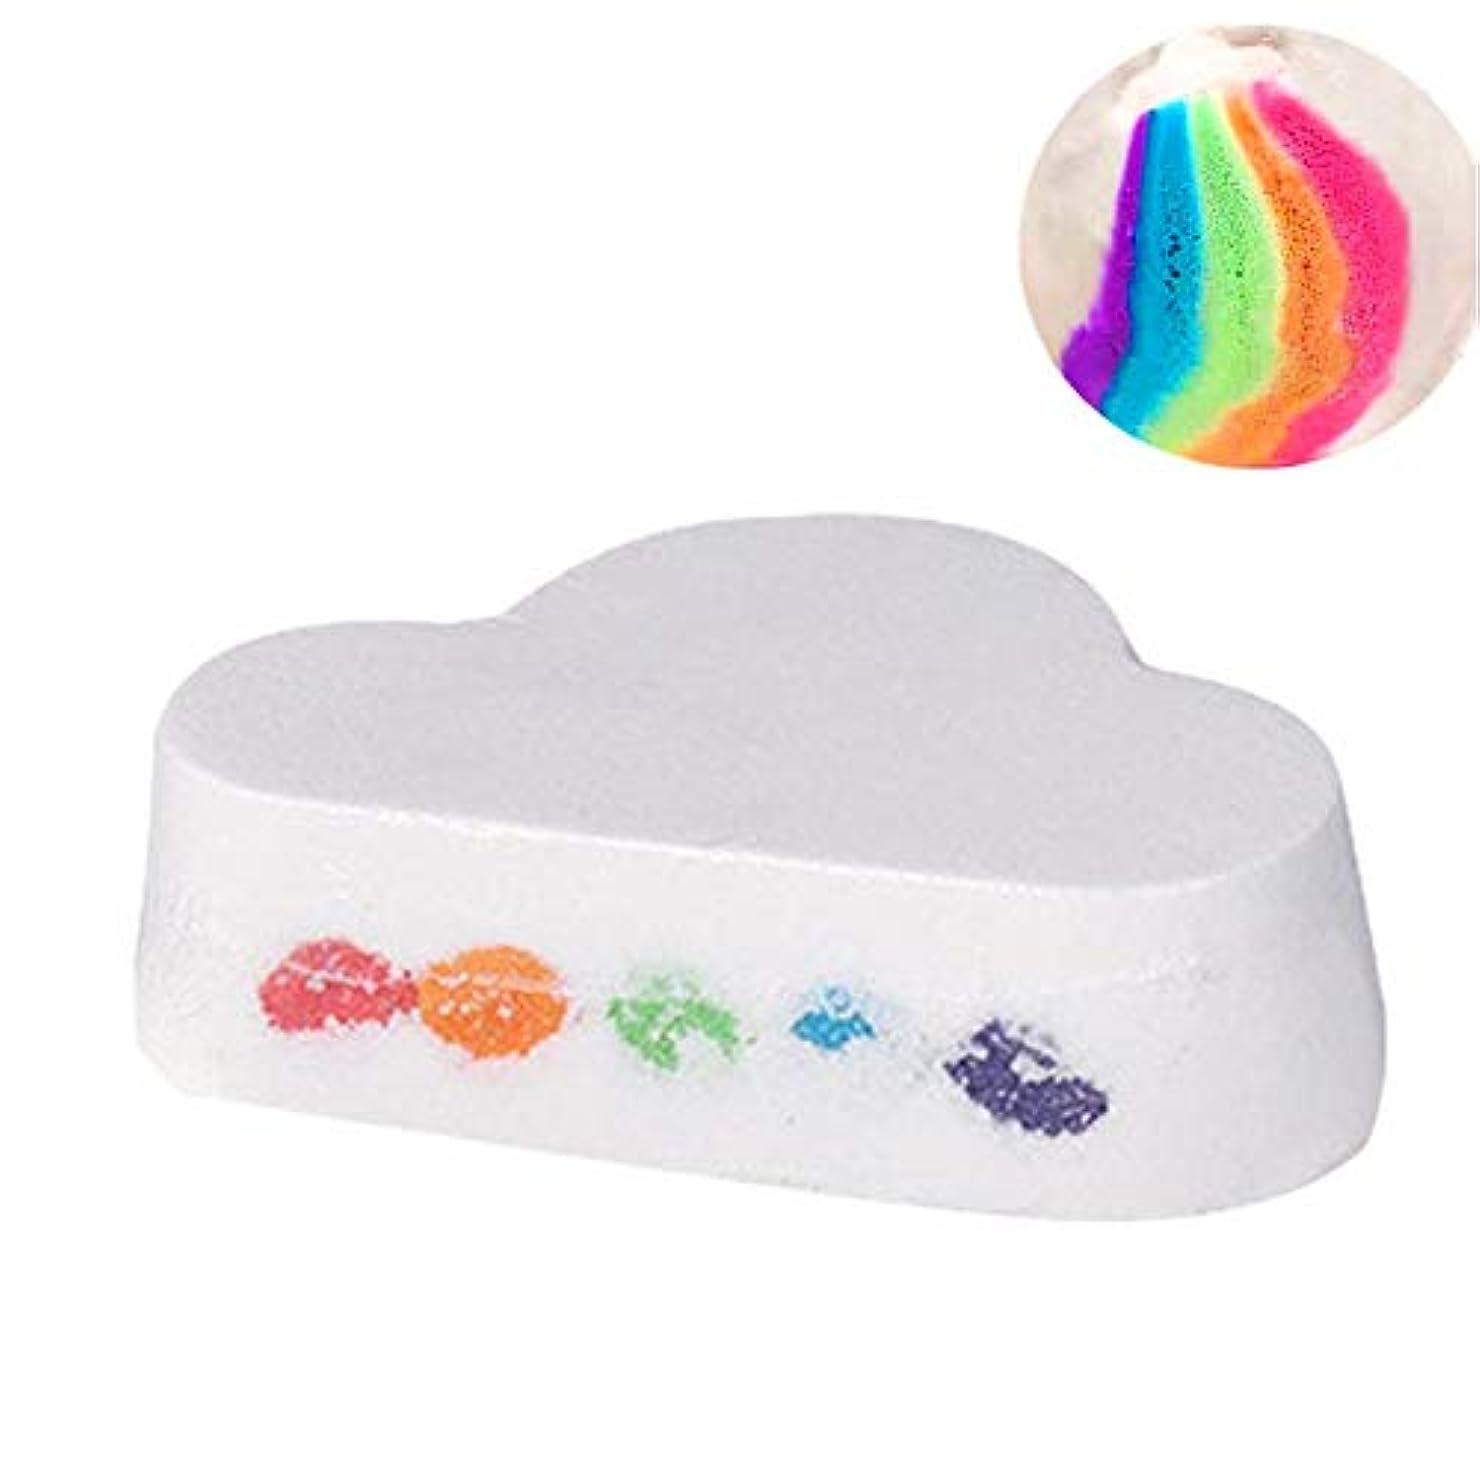 車シャンプー観客レインボー クラウド 入浴ボール 入浴剤 風呂泡の泡立った浮遊物 虹色 女性用保湿スキンギフト